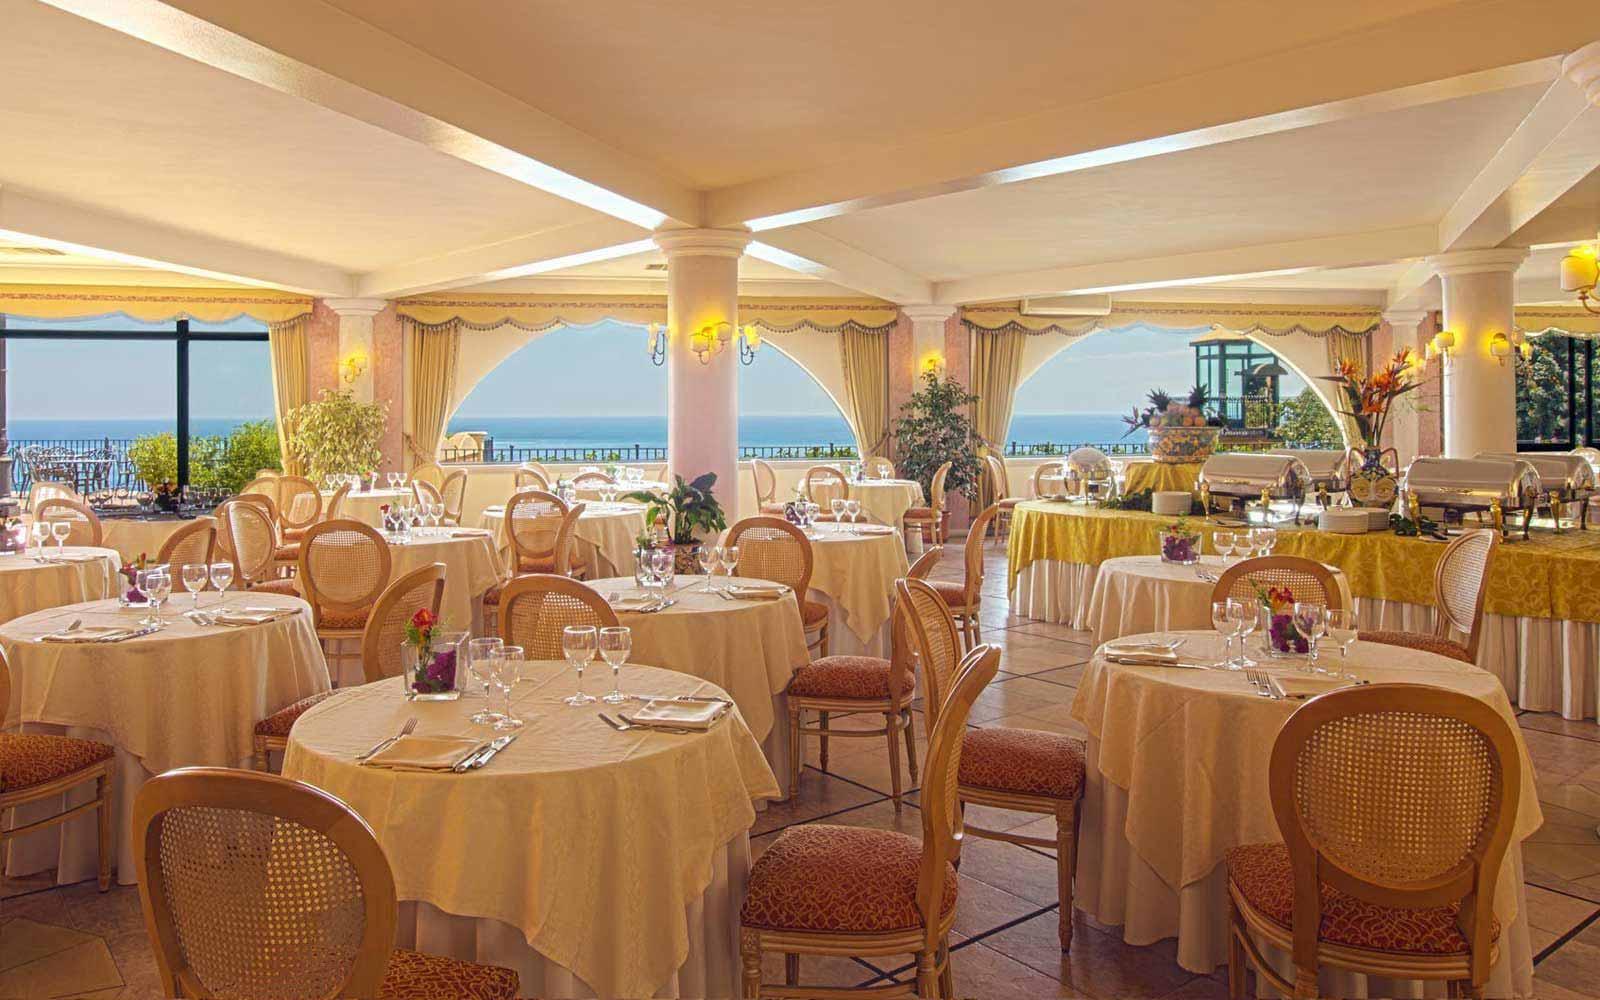 Solemoro Restaurant at Hotel Baia Taormina